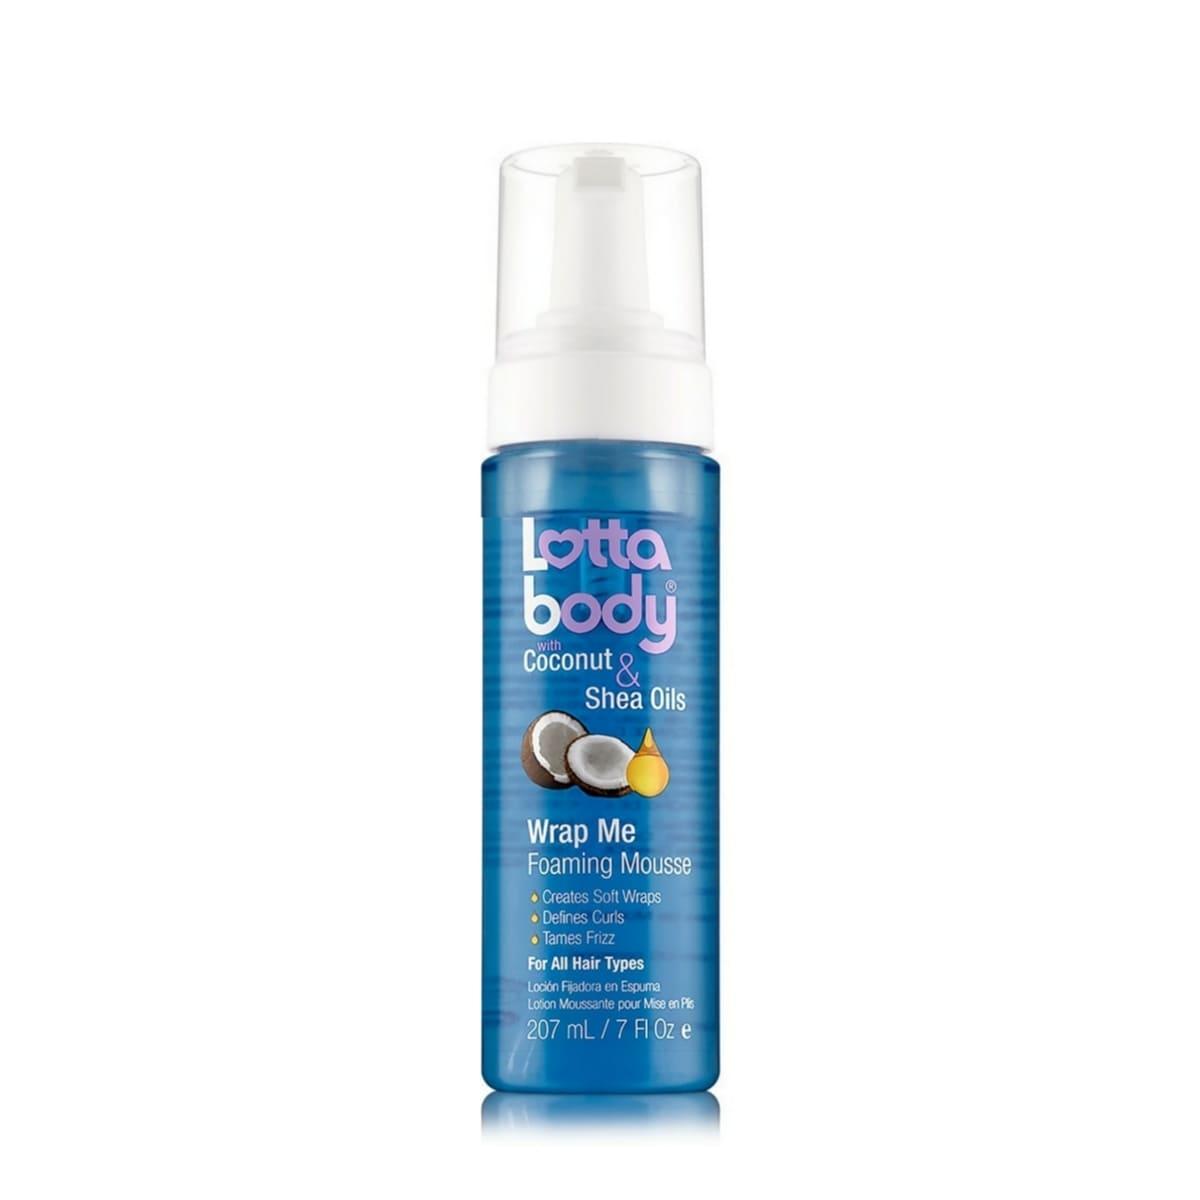 comprar-cosmetico-vegano-definidor-espuma-wrap-me-foaming-mousse-lottabody-metodo-curly-trenzas-crochet-pelucas-www.muerebella.com